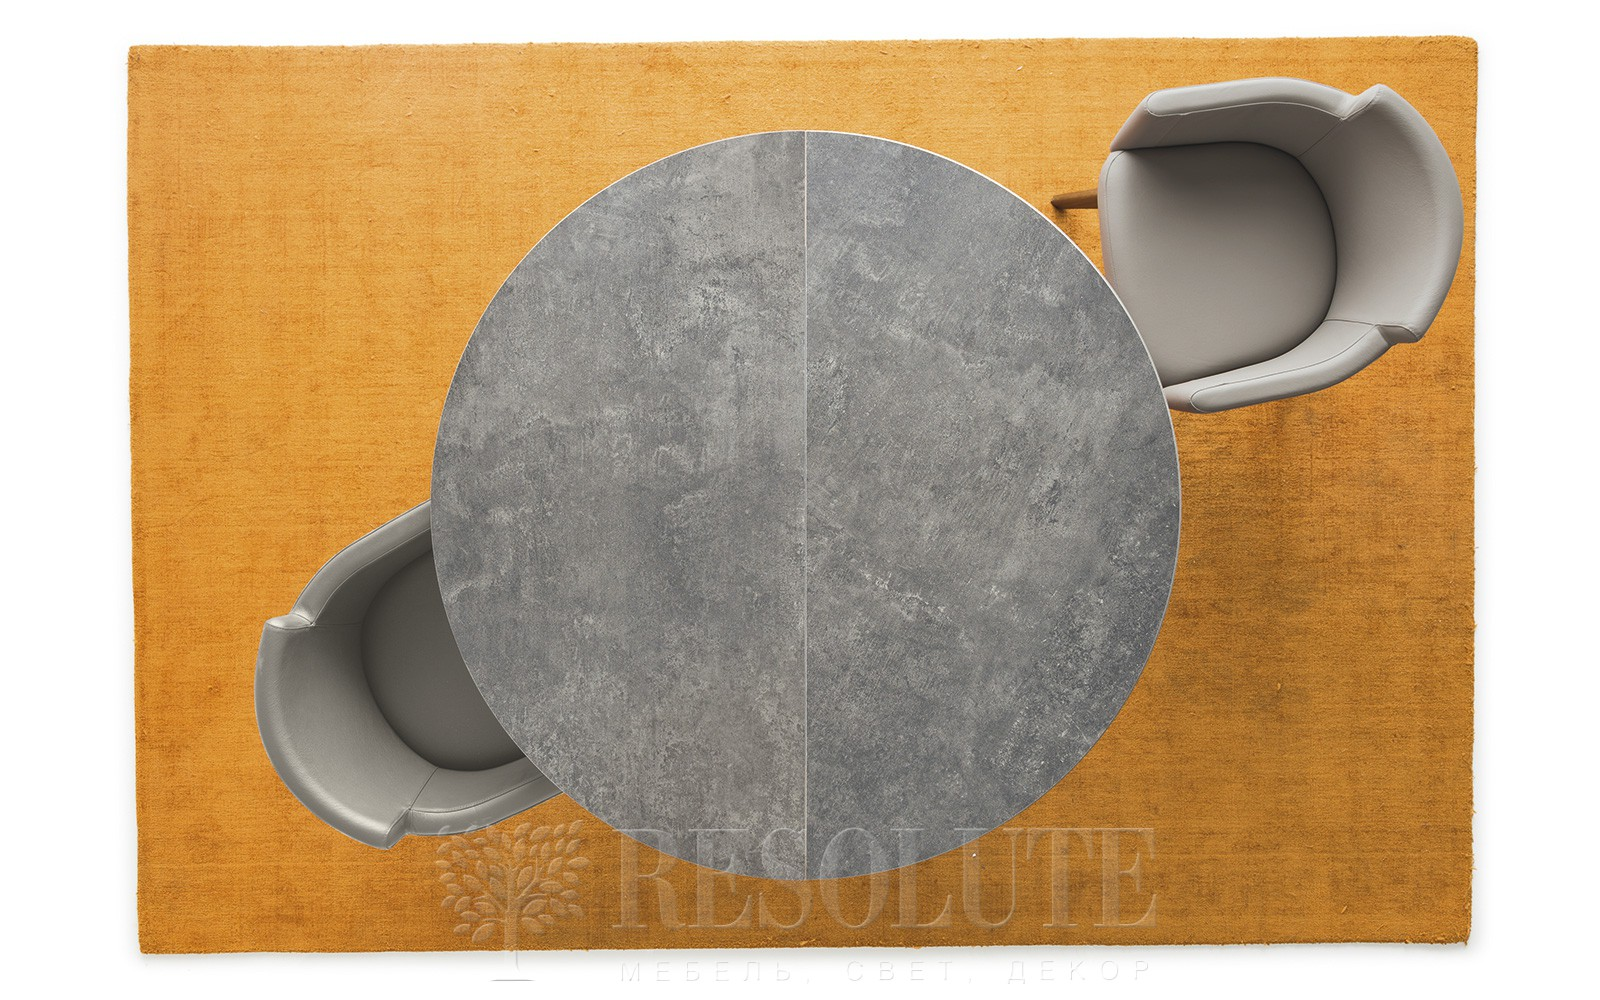 Круглый стол Tivoli CS/4100 Calligaris - 3